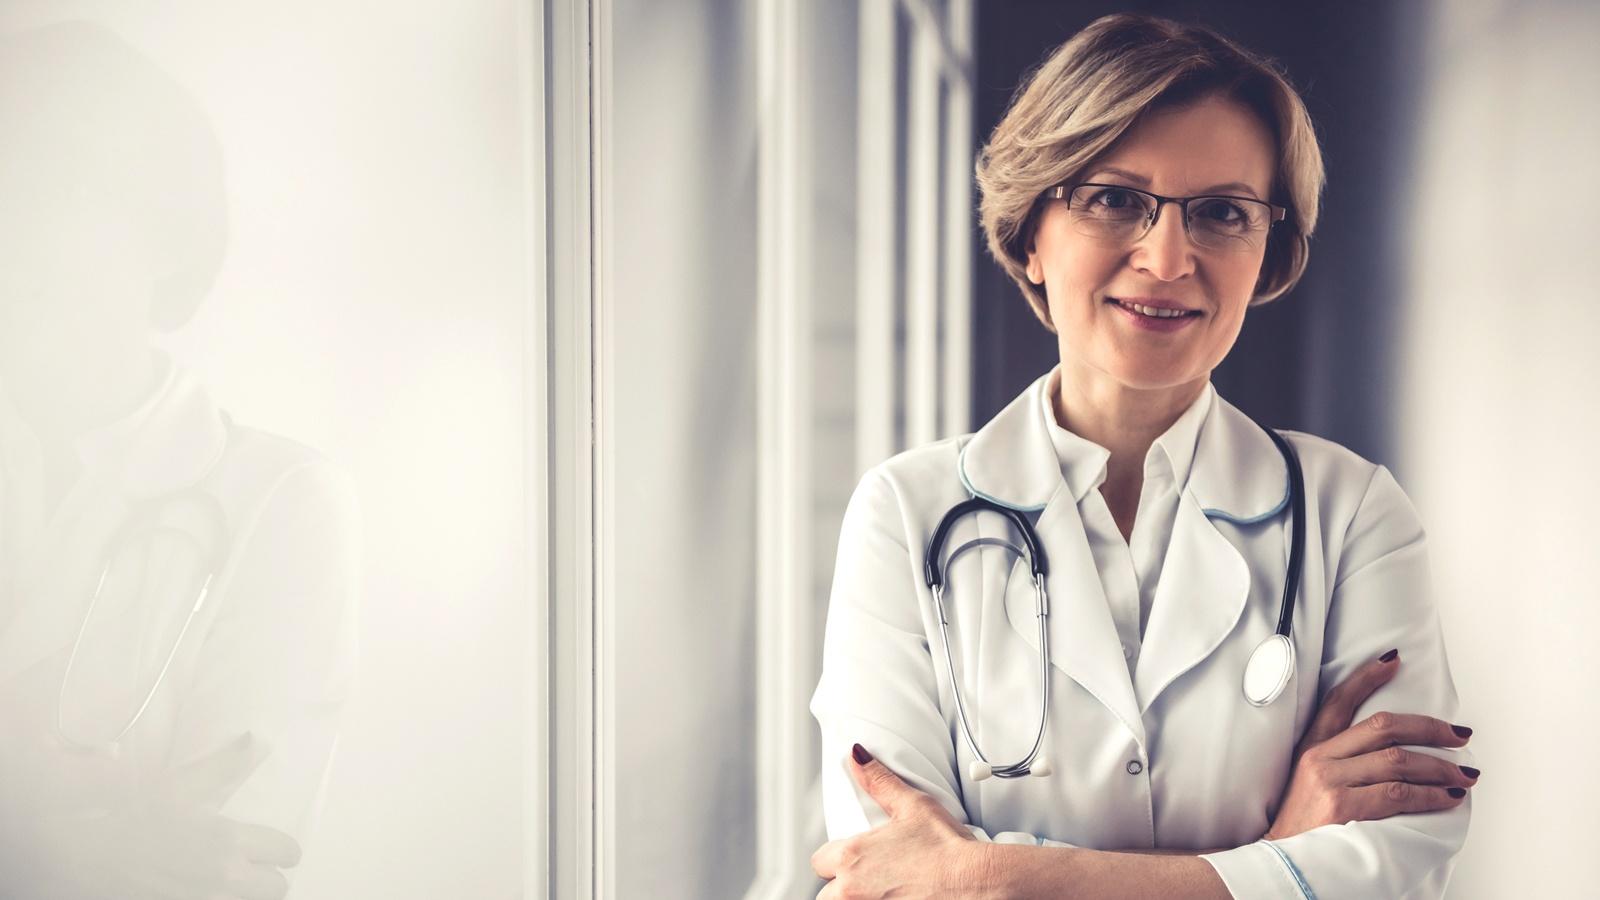 Physician Assistant Job Physician Assistant, OB/GYN \u2013 Per Diem at